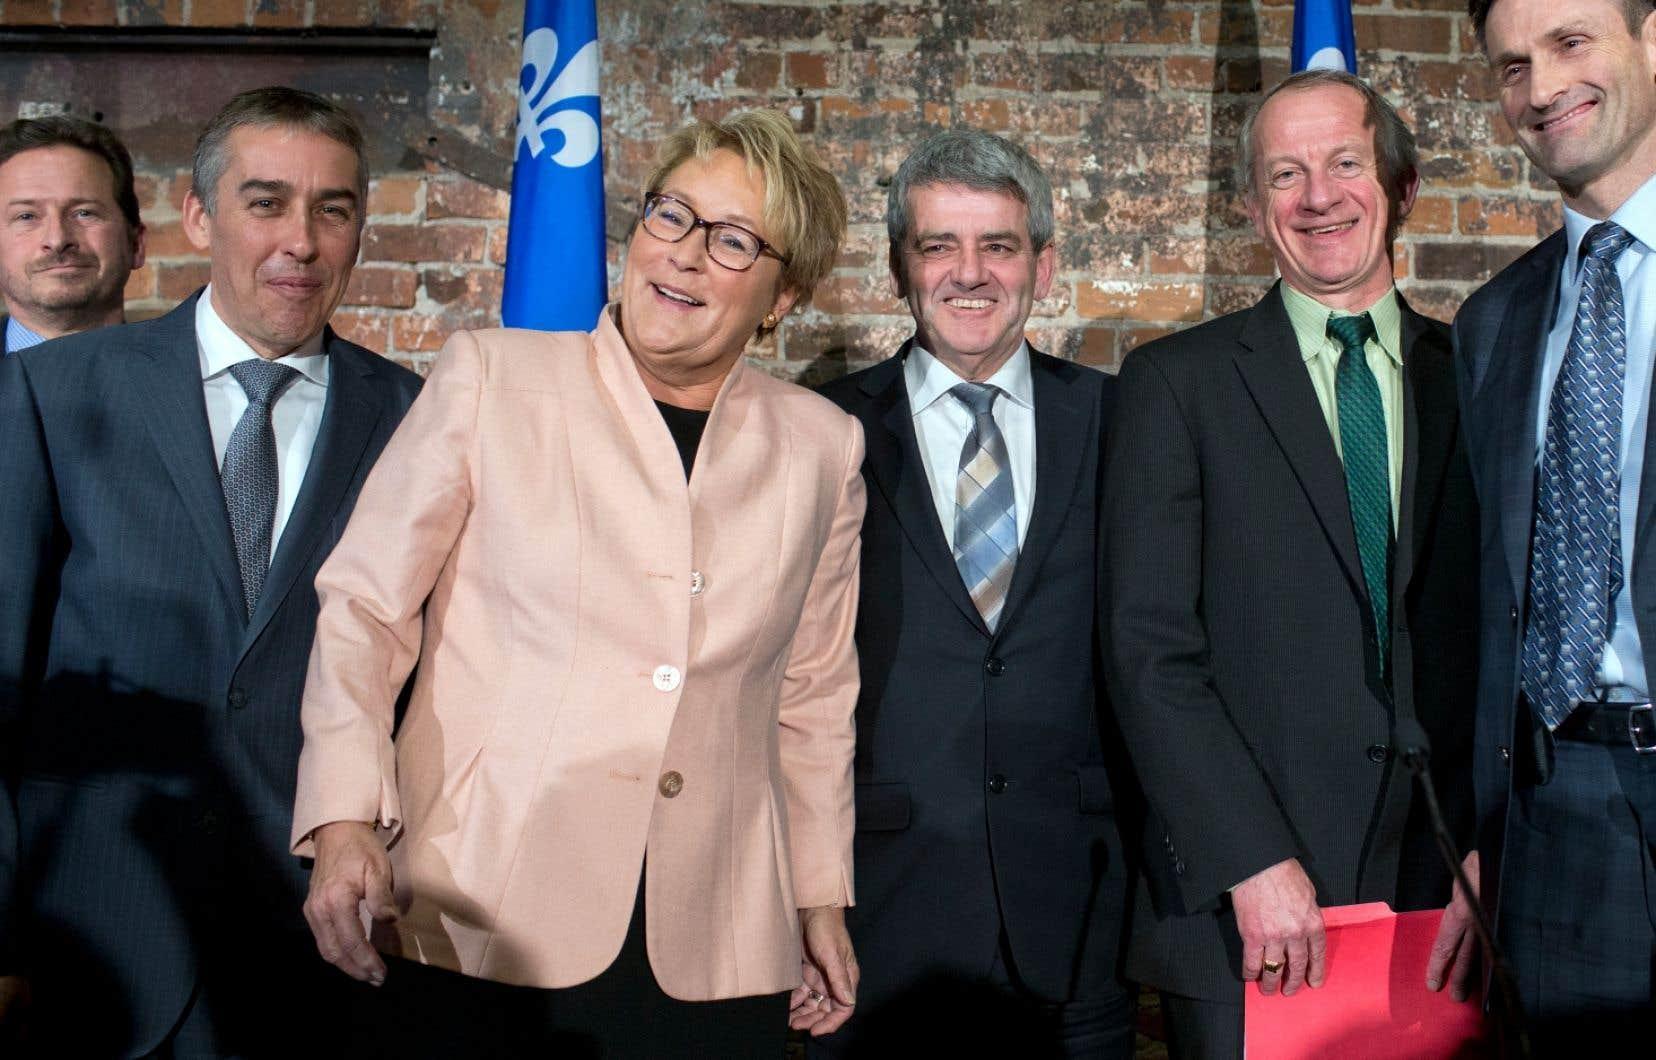 Selon la première ministre Pauline Marois, avec cet investissement,<em> «le Québec reprend ses droits sur des ressources naturelles qui lui appartiennent collectivement et qui doivent profiter à tous les Québecois».</em>